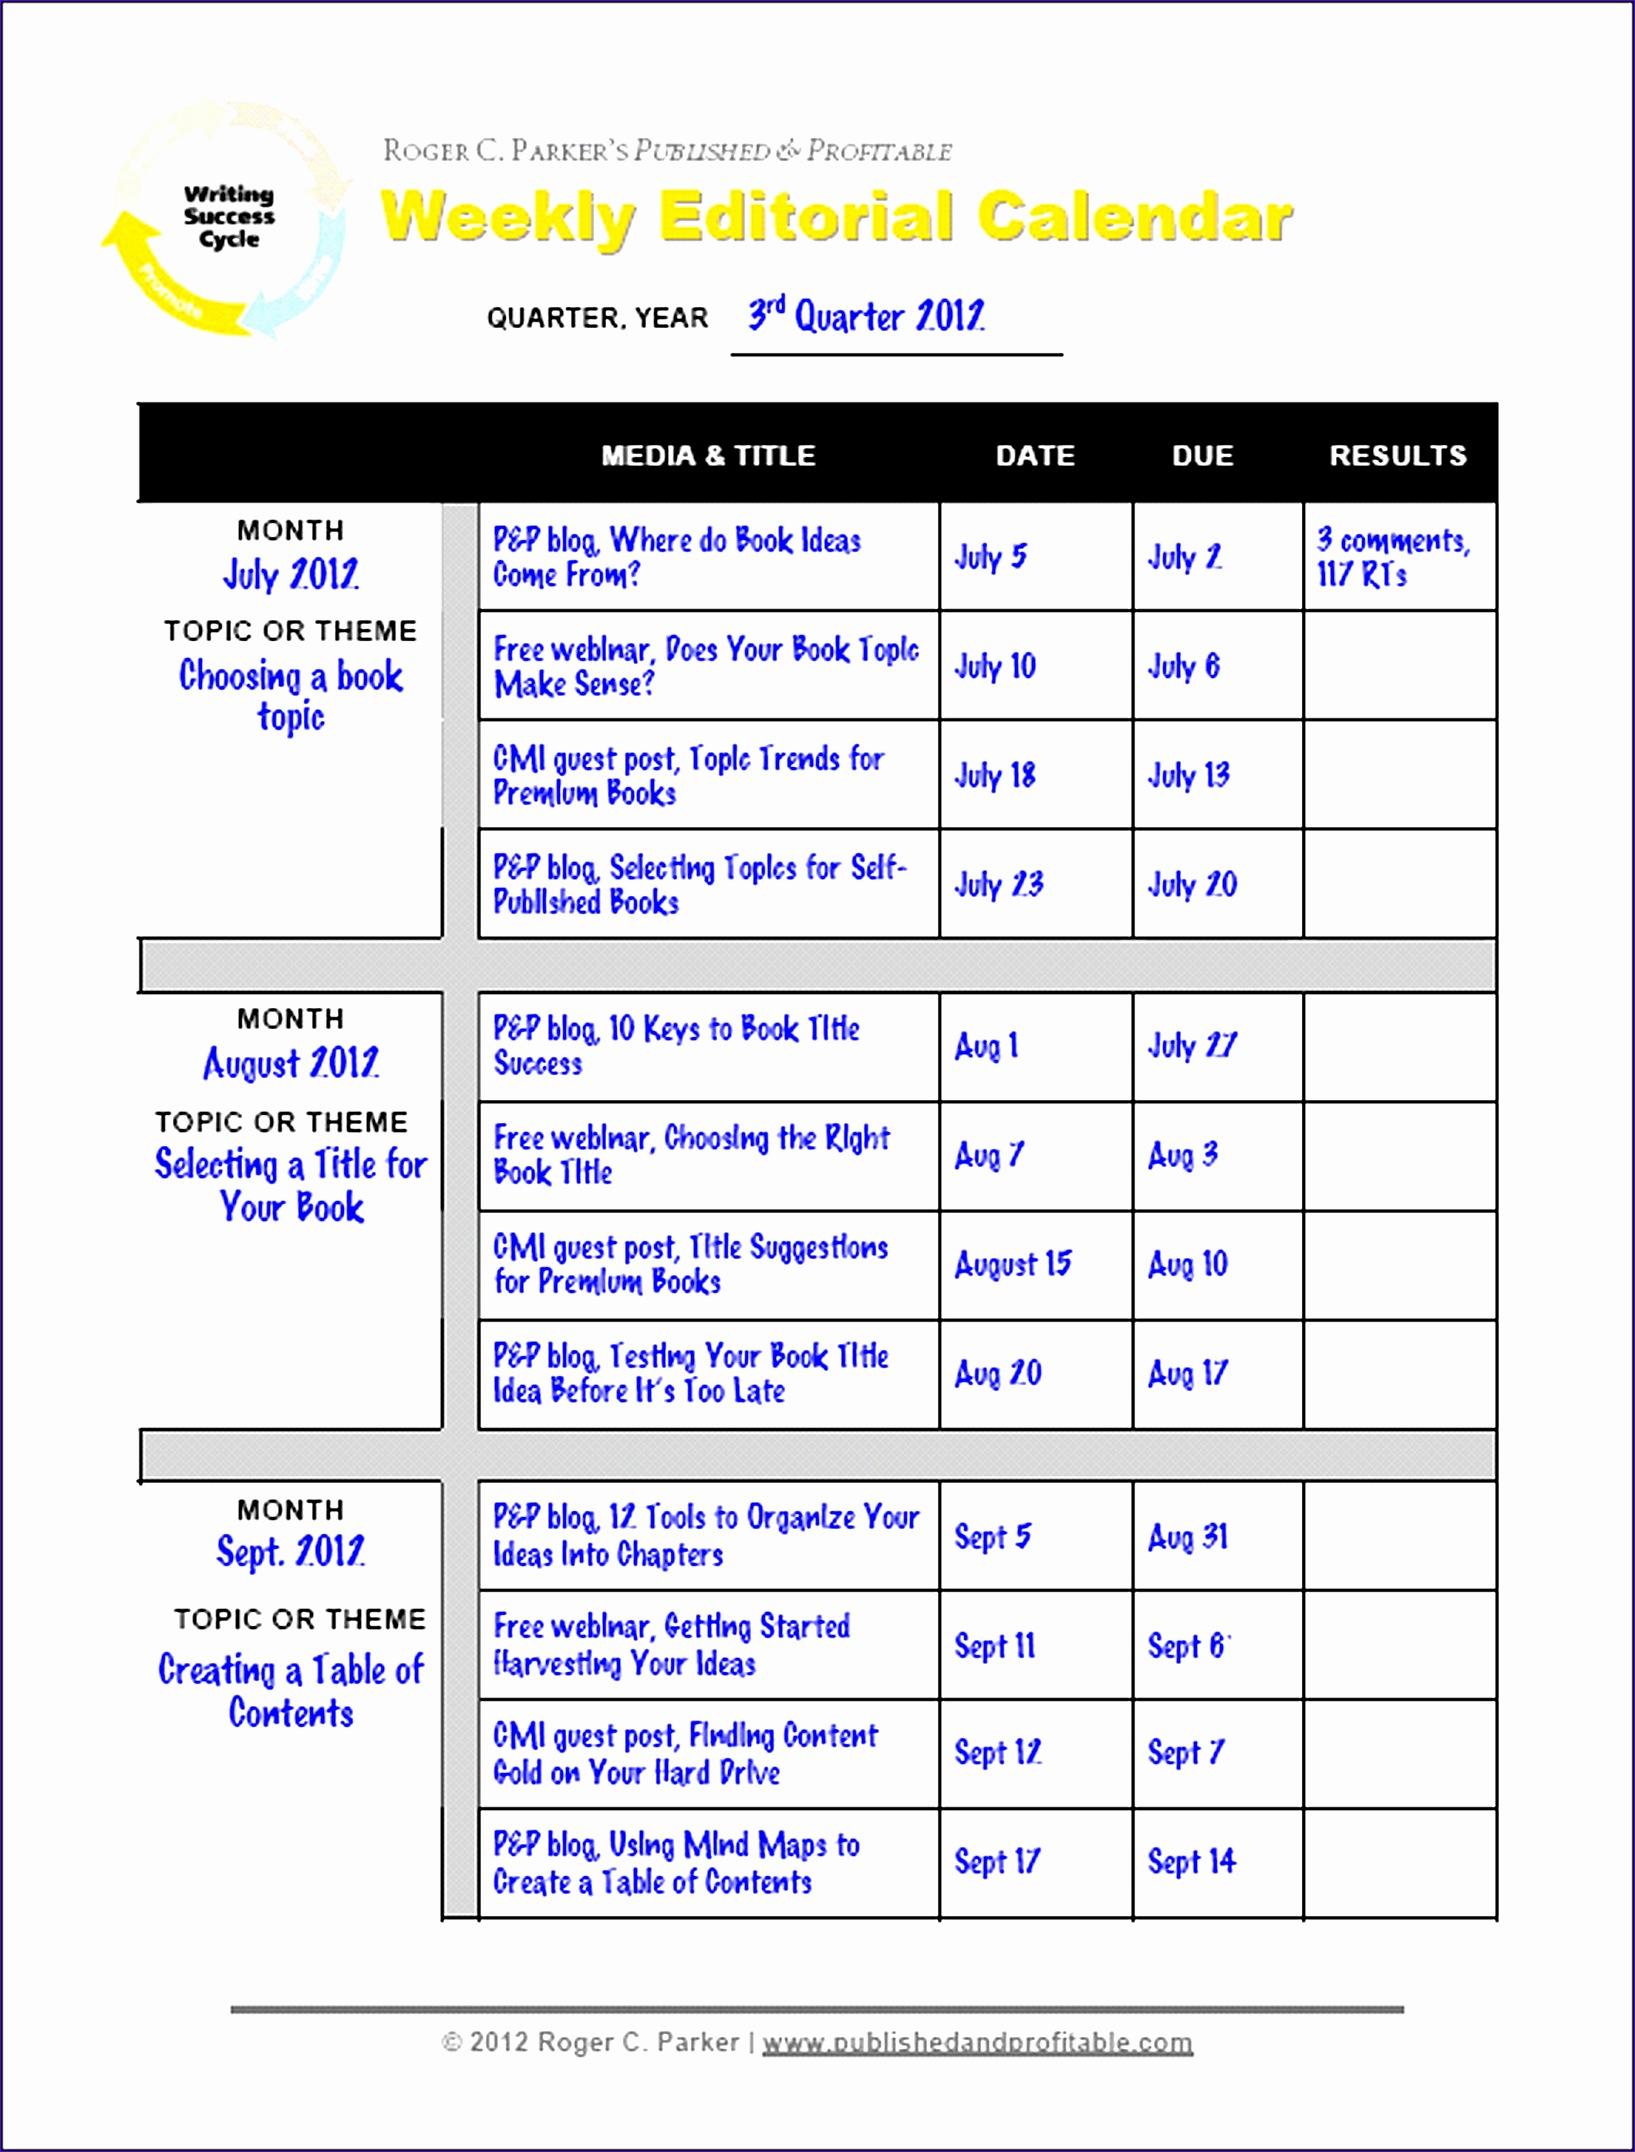 Week Calendar Template Excel Iqigp Elegant Editorial Calendar Template